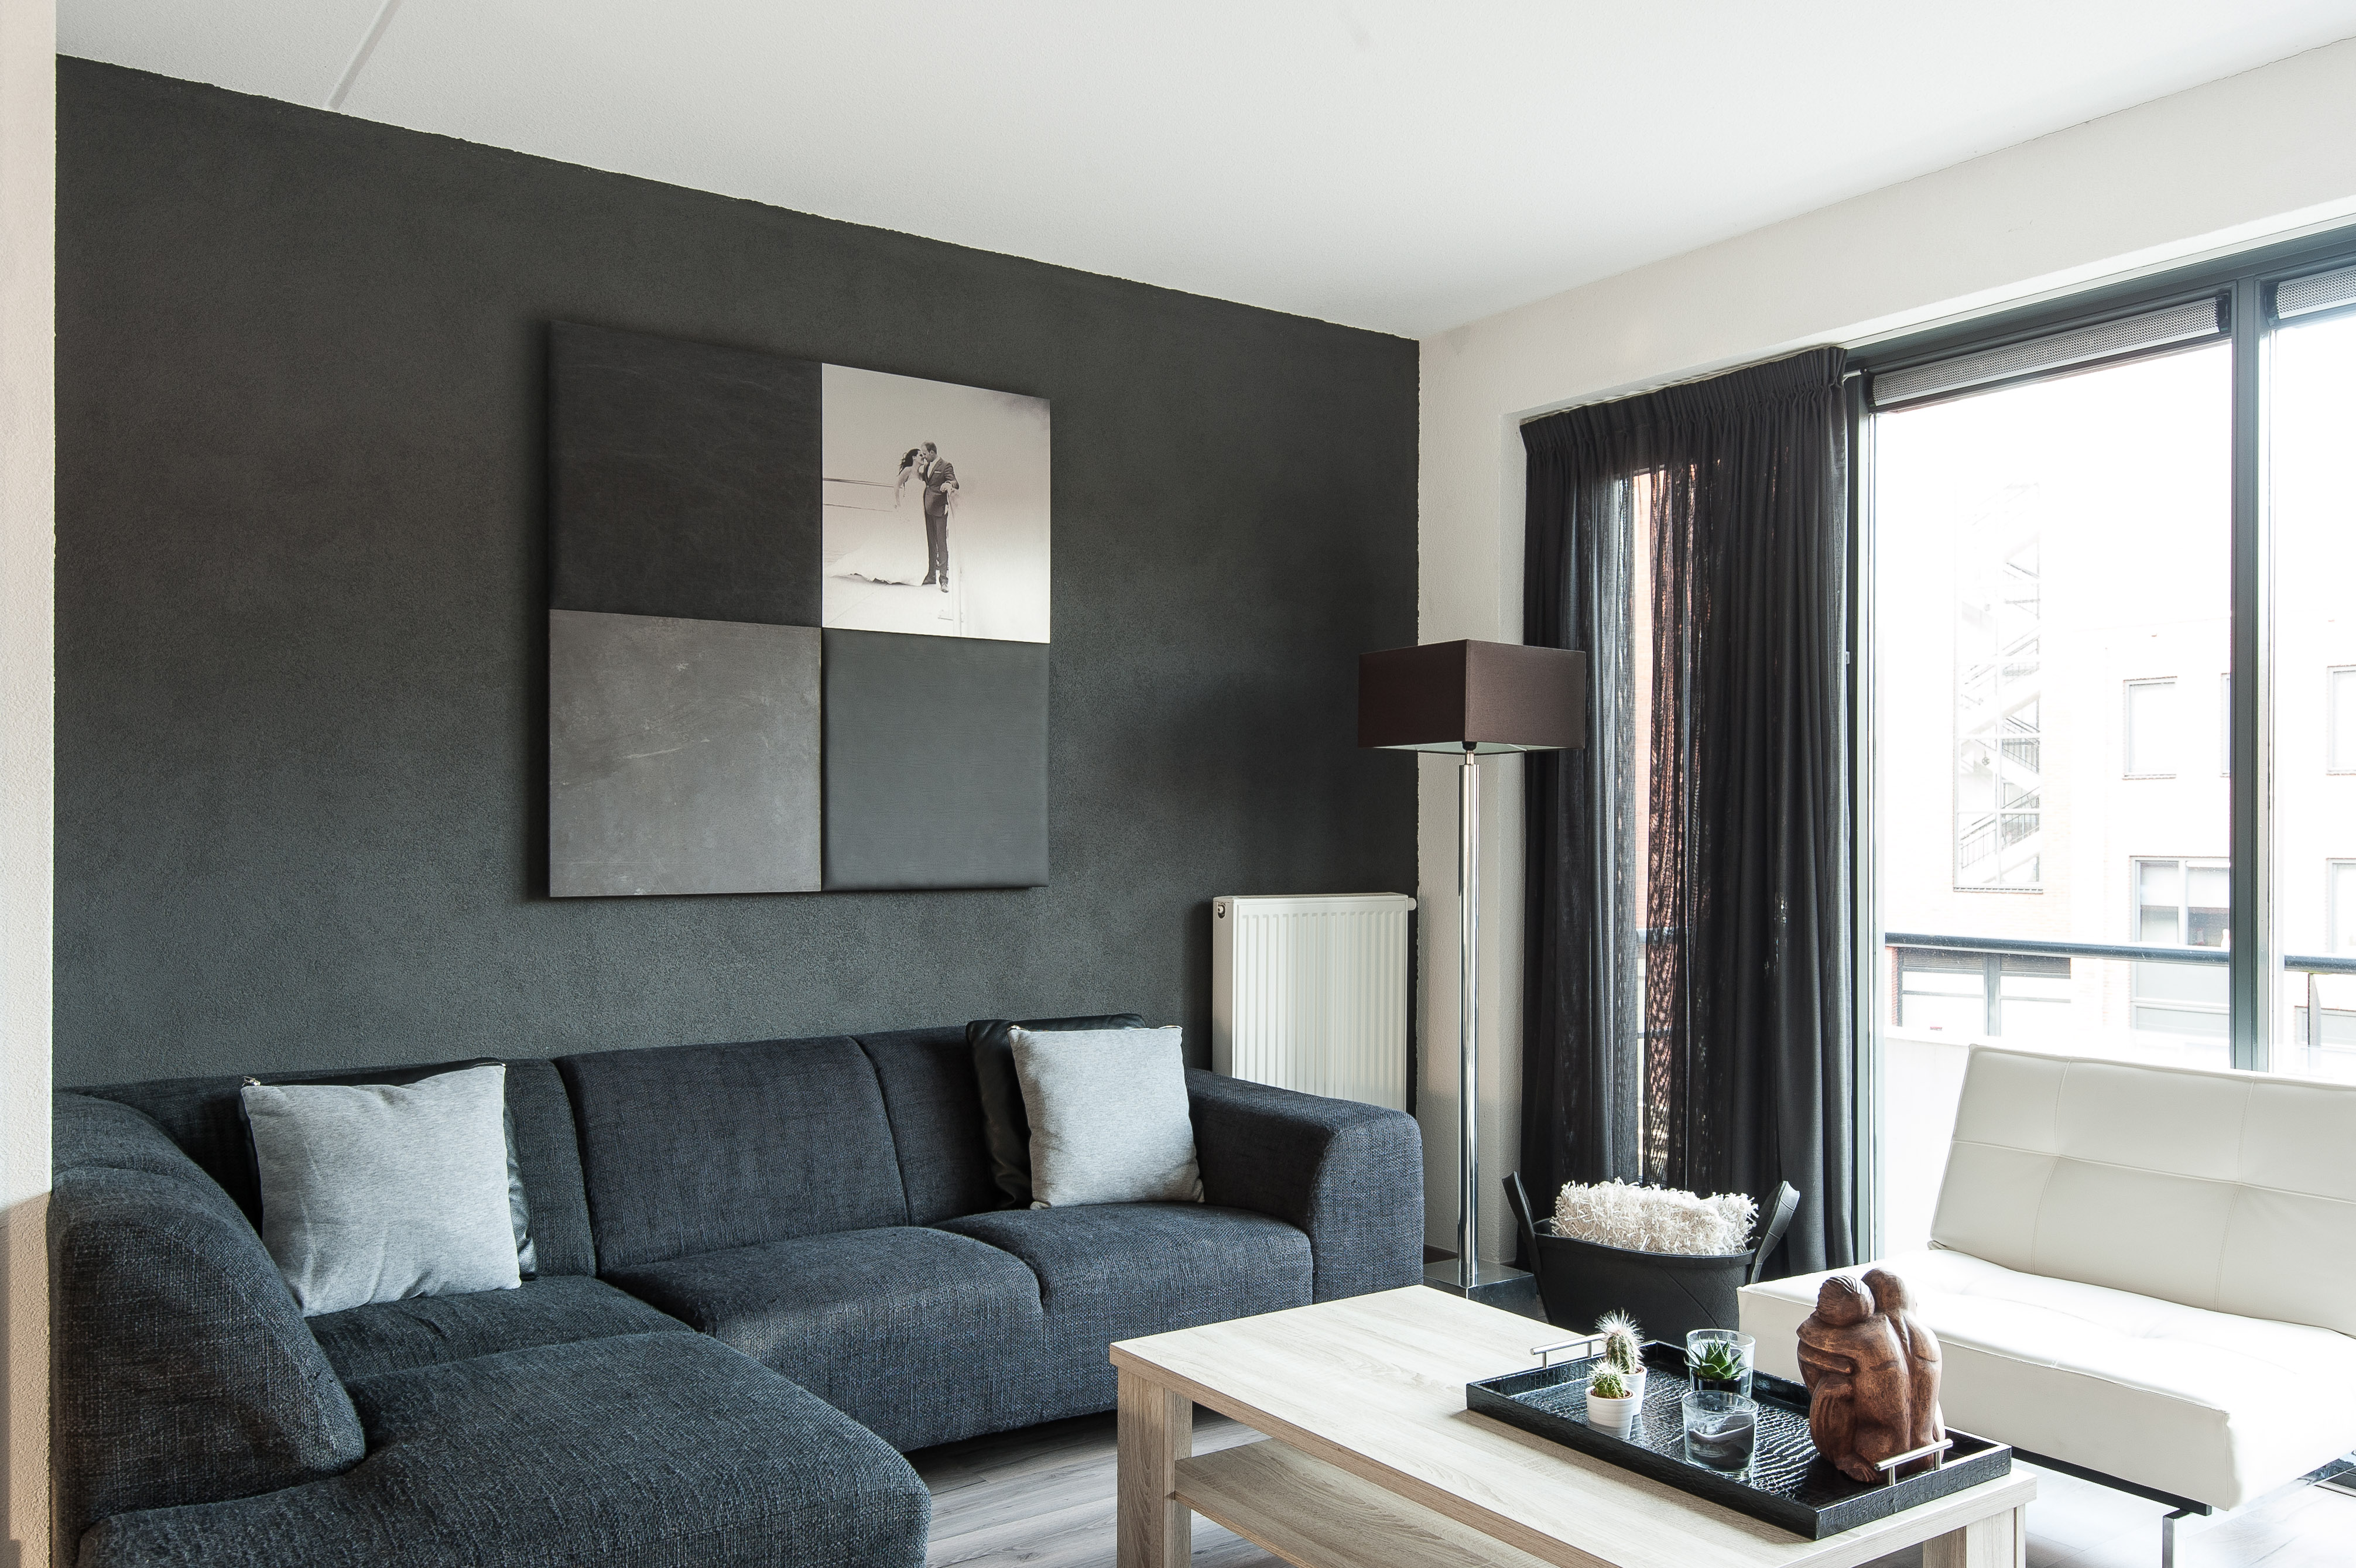 Muurdecoratie Woonkamer Metaal ~ Ideeën Voor Huis Ontwerp Ideeën en ...